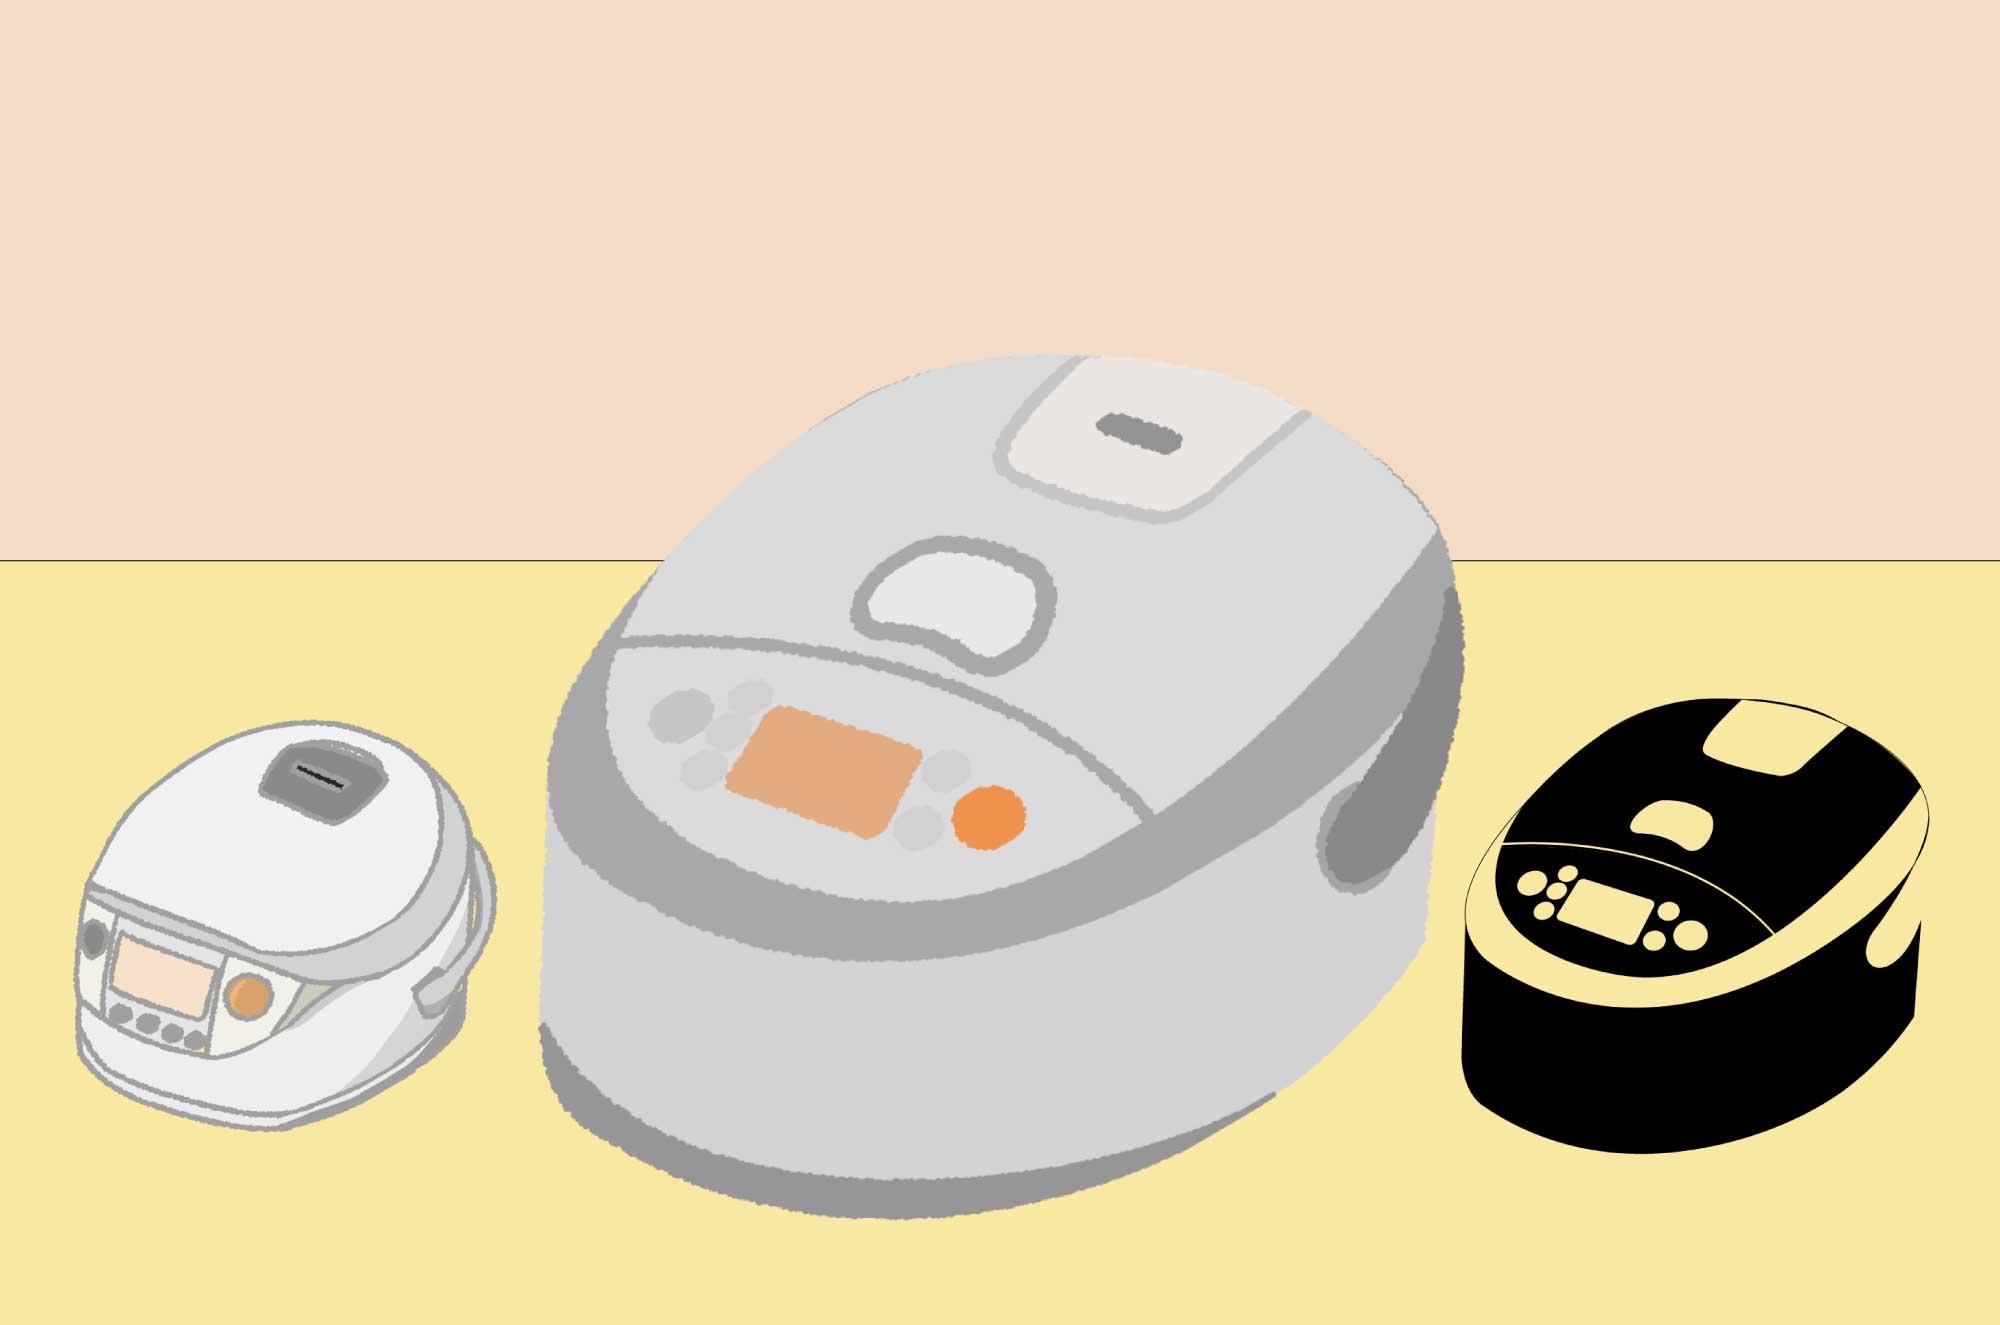 炊飯器のイラスト - お米を炊く生活家電の無料素材